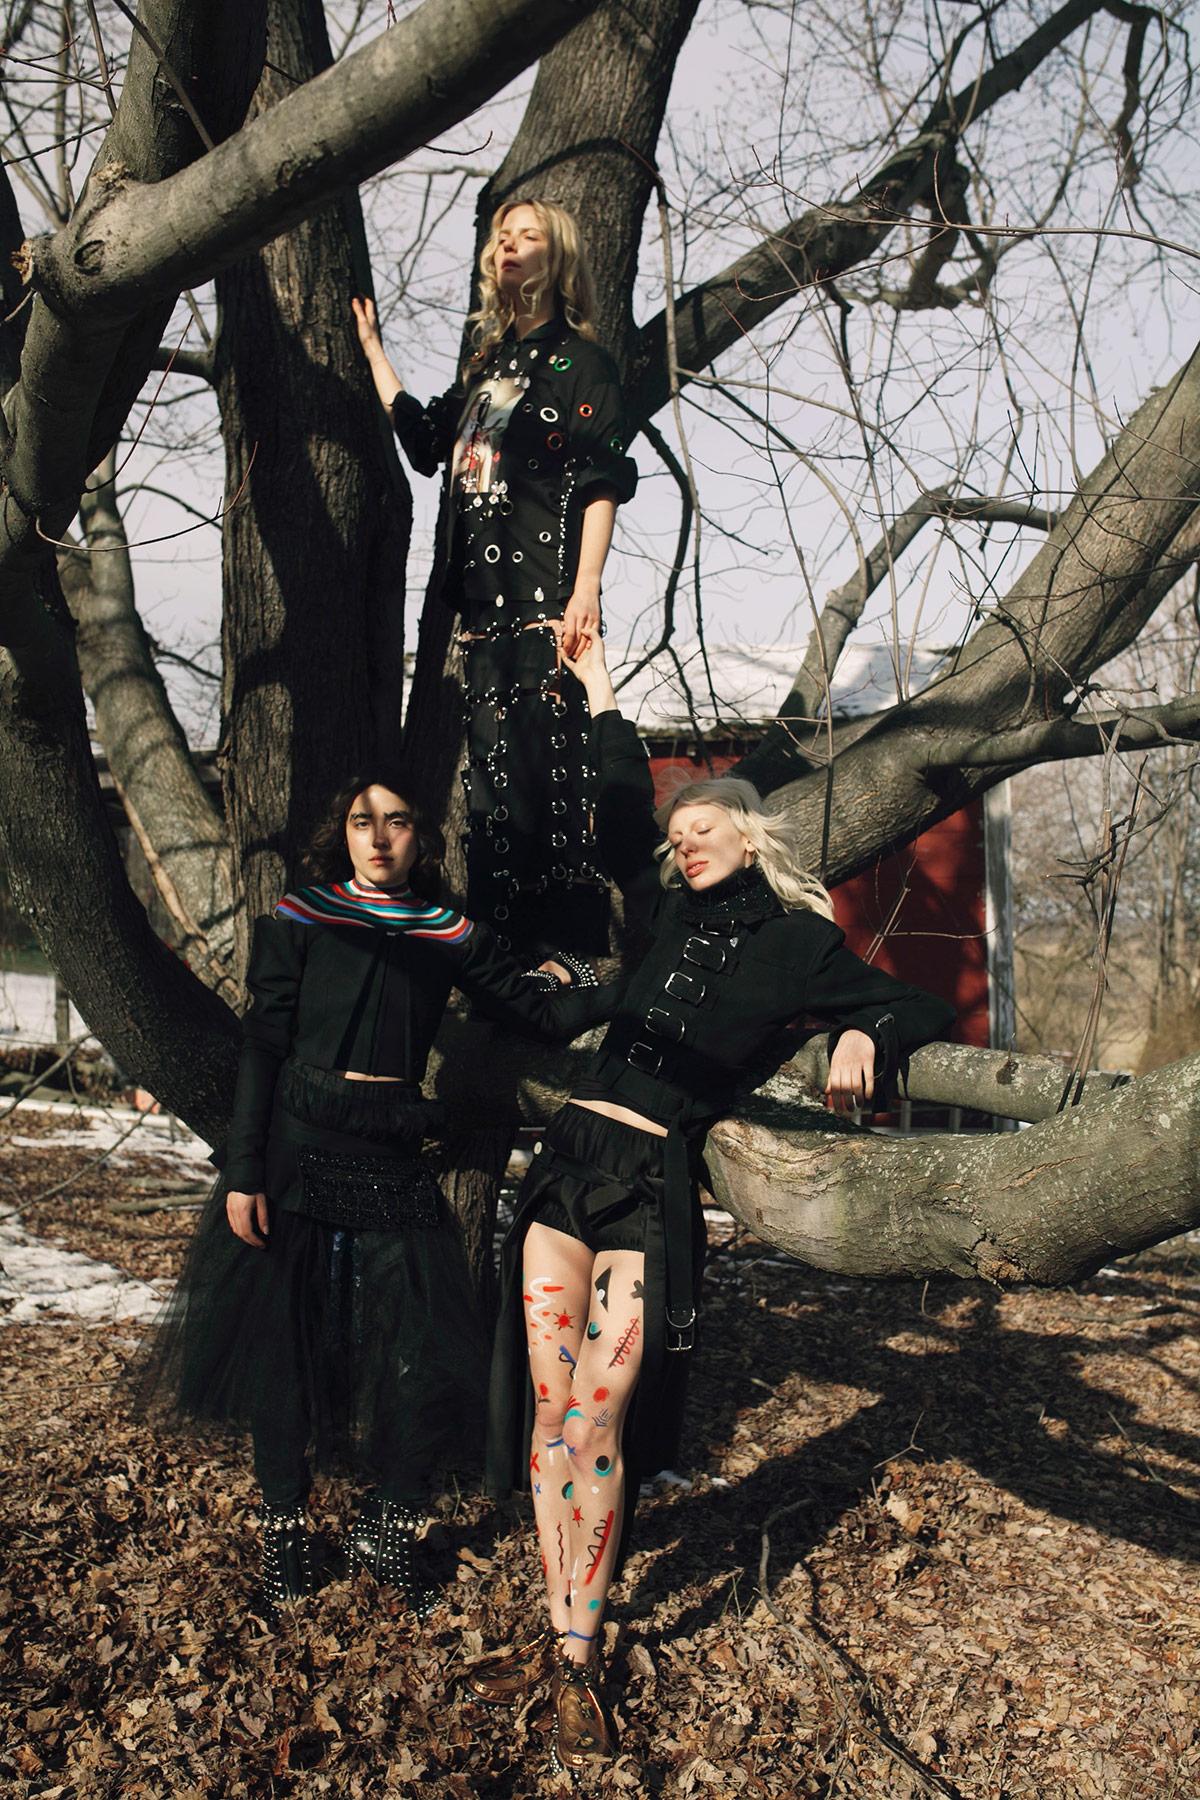 Photo Fashionography April017 by Rebekah Campbell